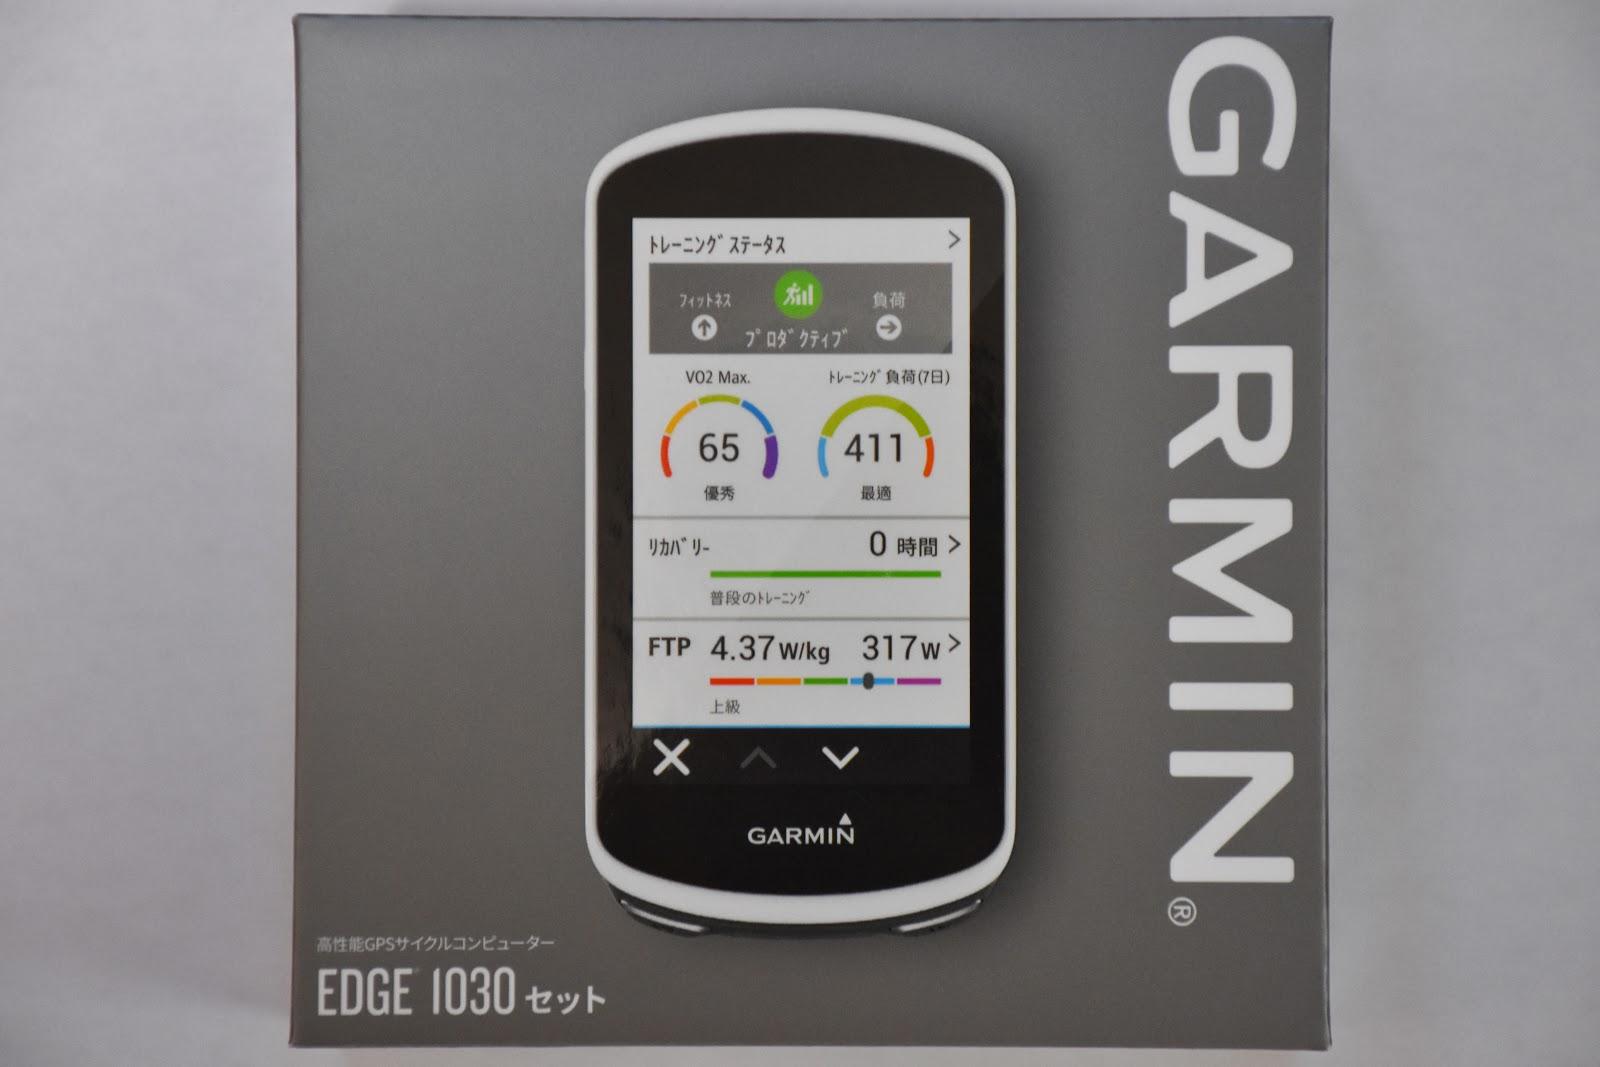 c8ac8920e6 GARMIN EDGE 1030. サイコン沼のいちばん深いところからGARMINを掘り起こしてきた。 サイコンを買い替えました。